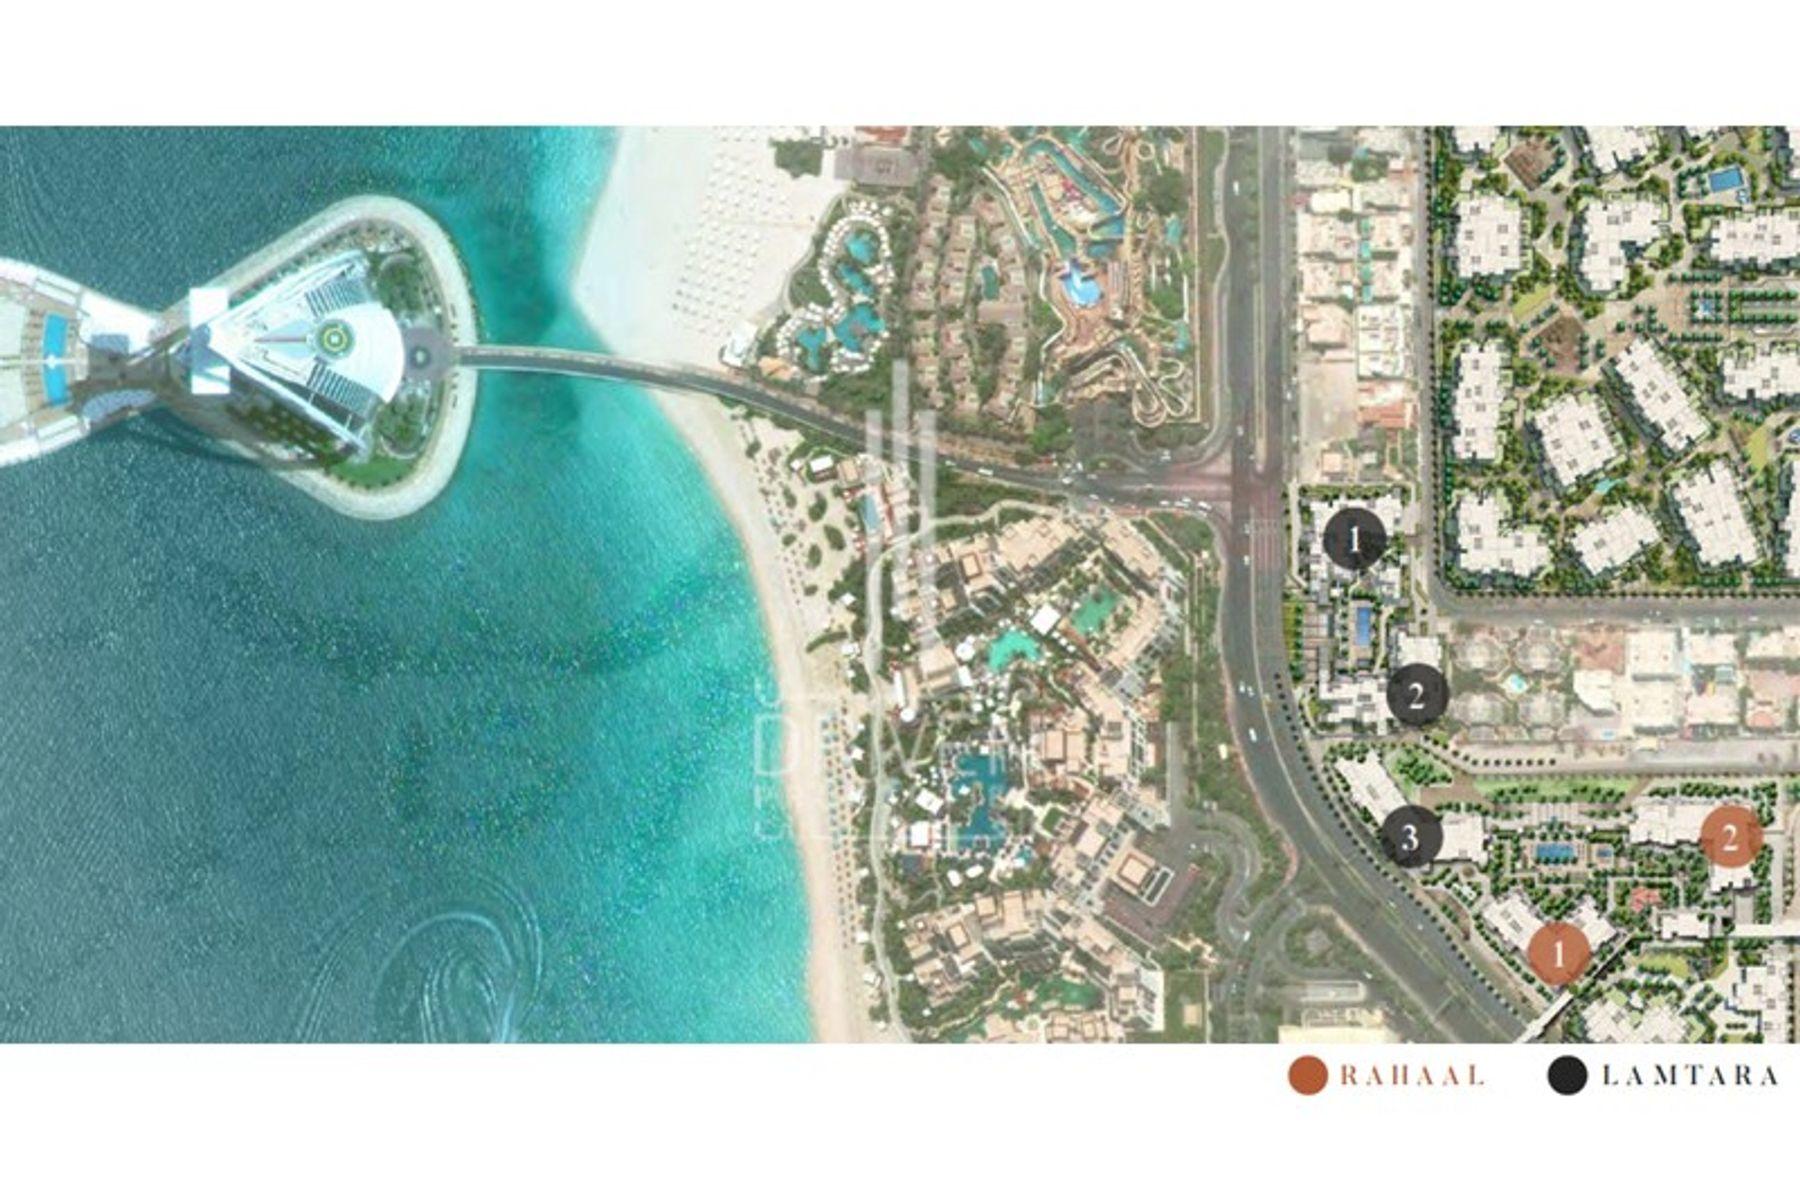 Apartment for Sale in Rahaal - Umm Suqeim